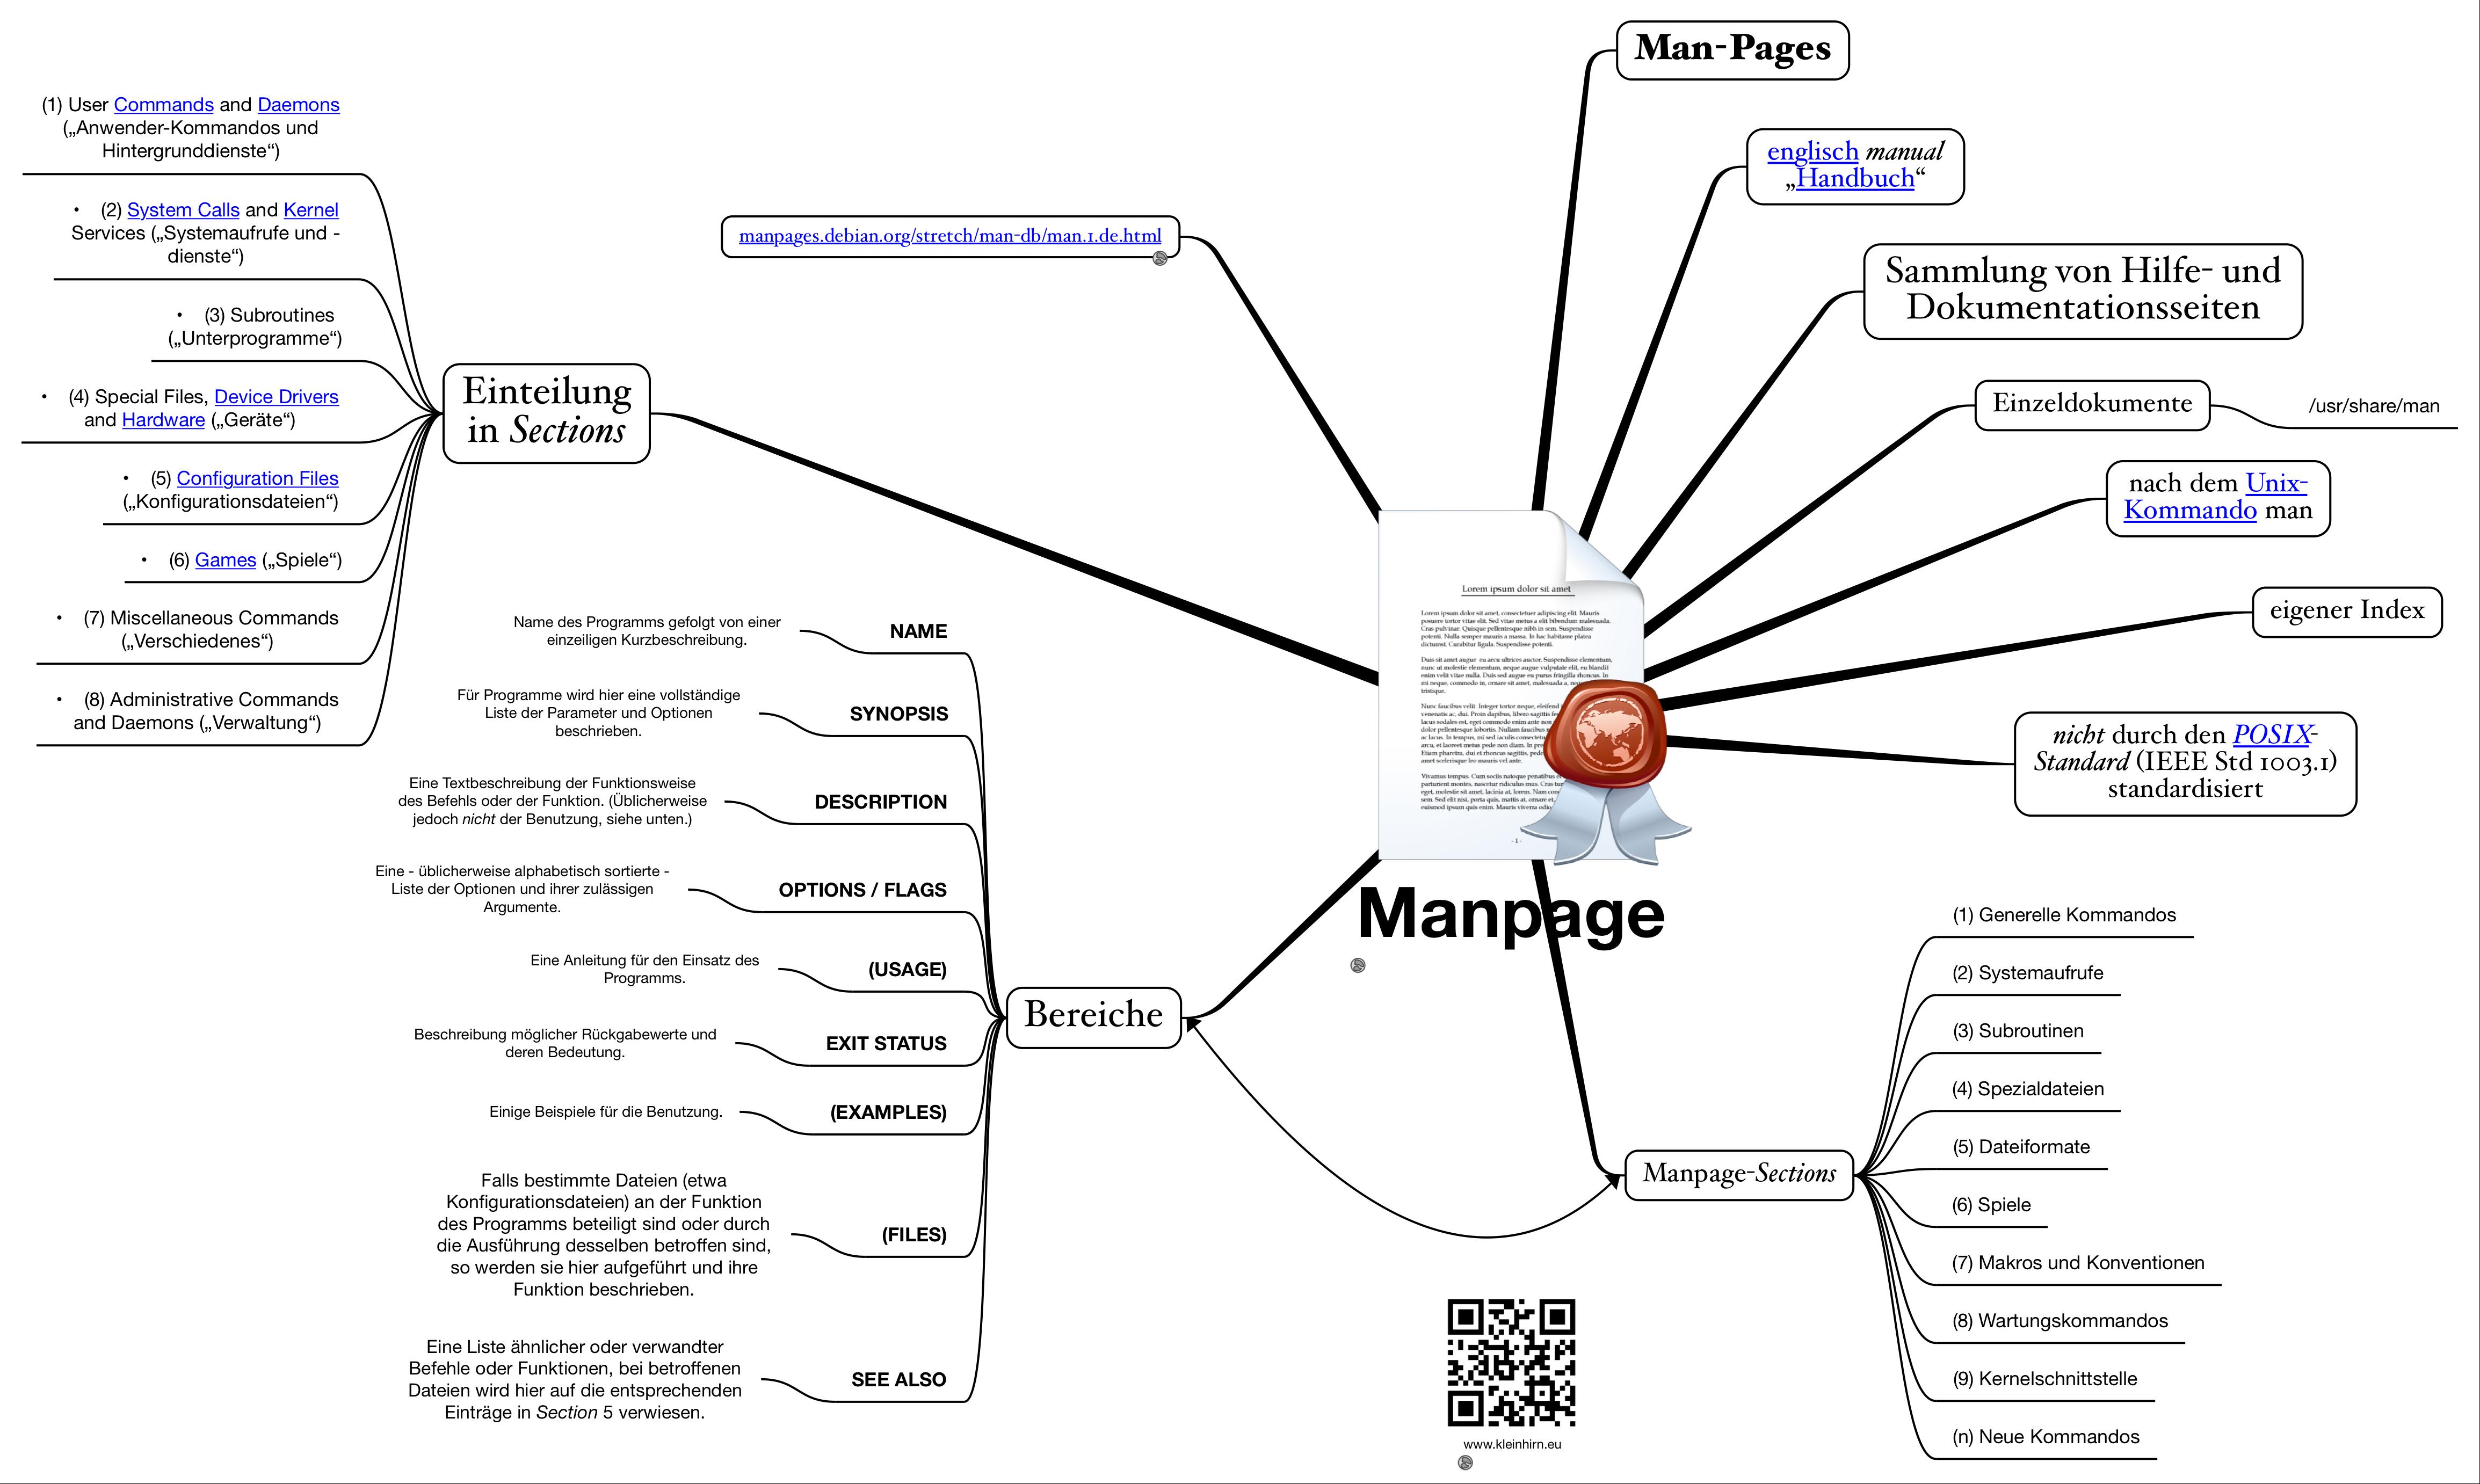 Manpage